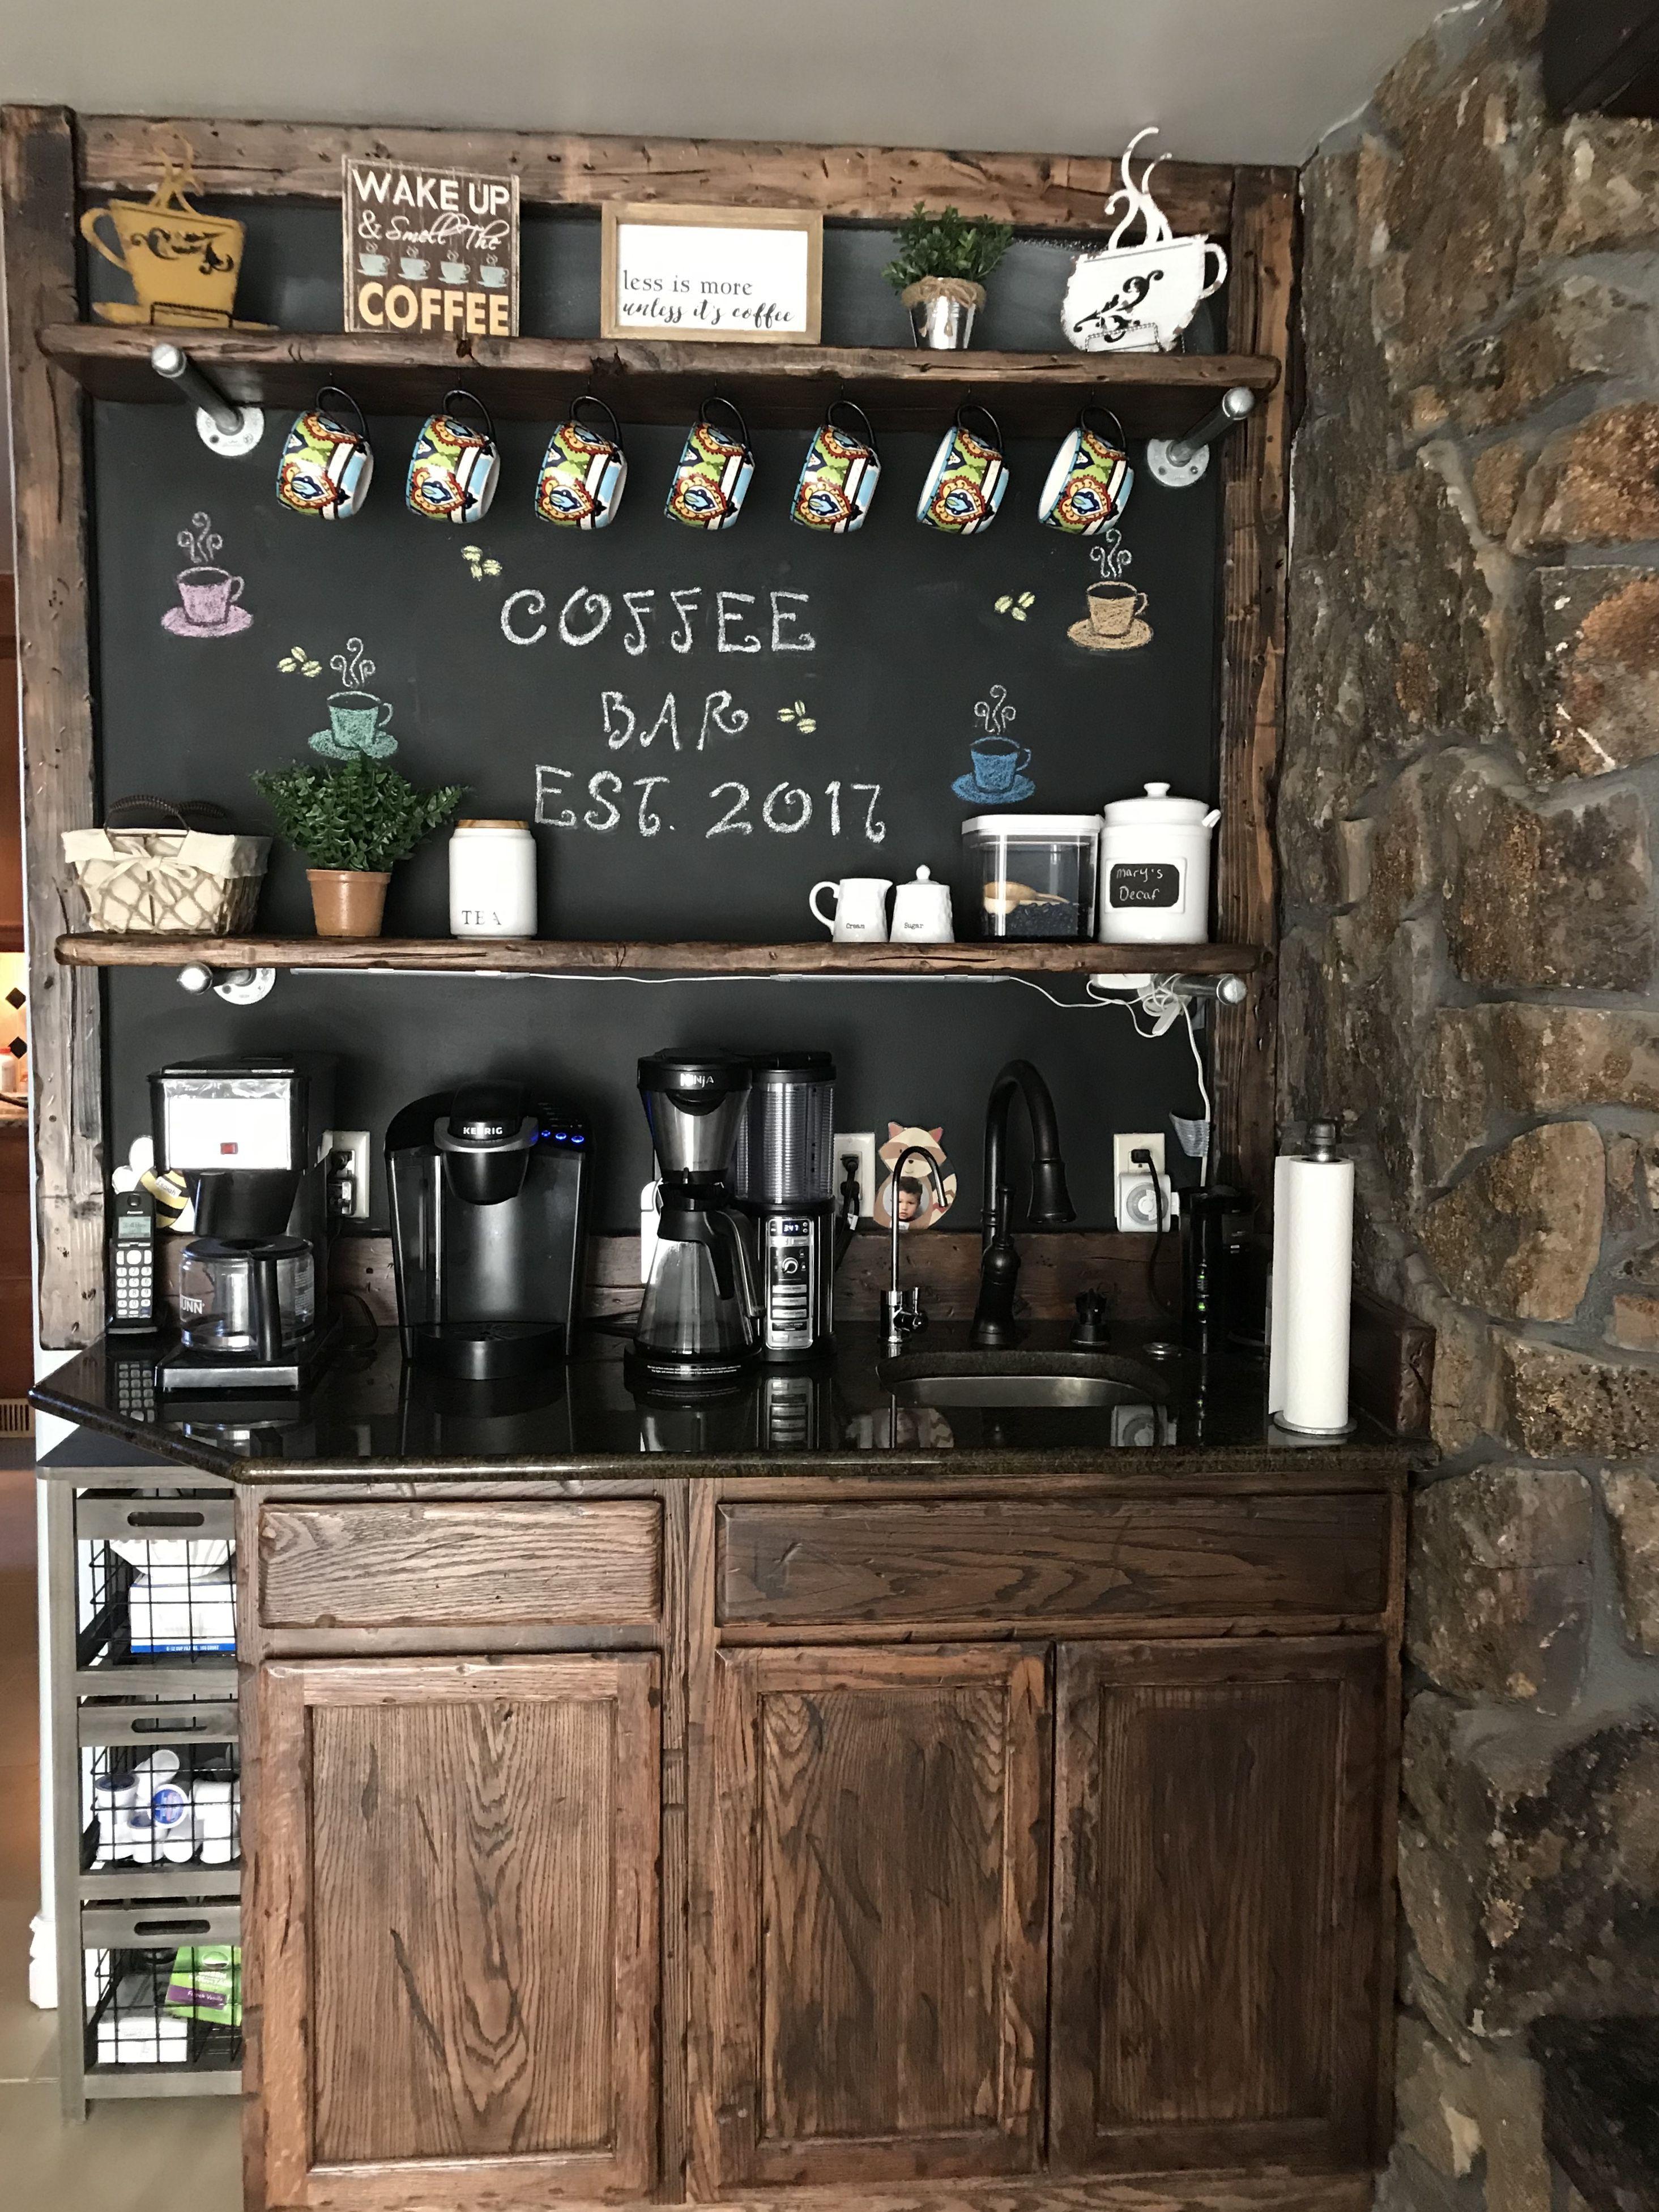 Домашний кофе-бар 13 сайт женские слабости.